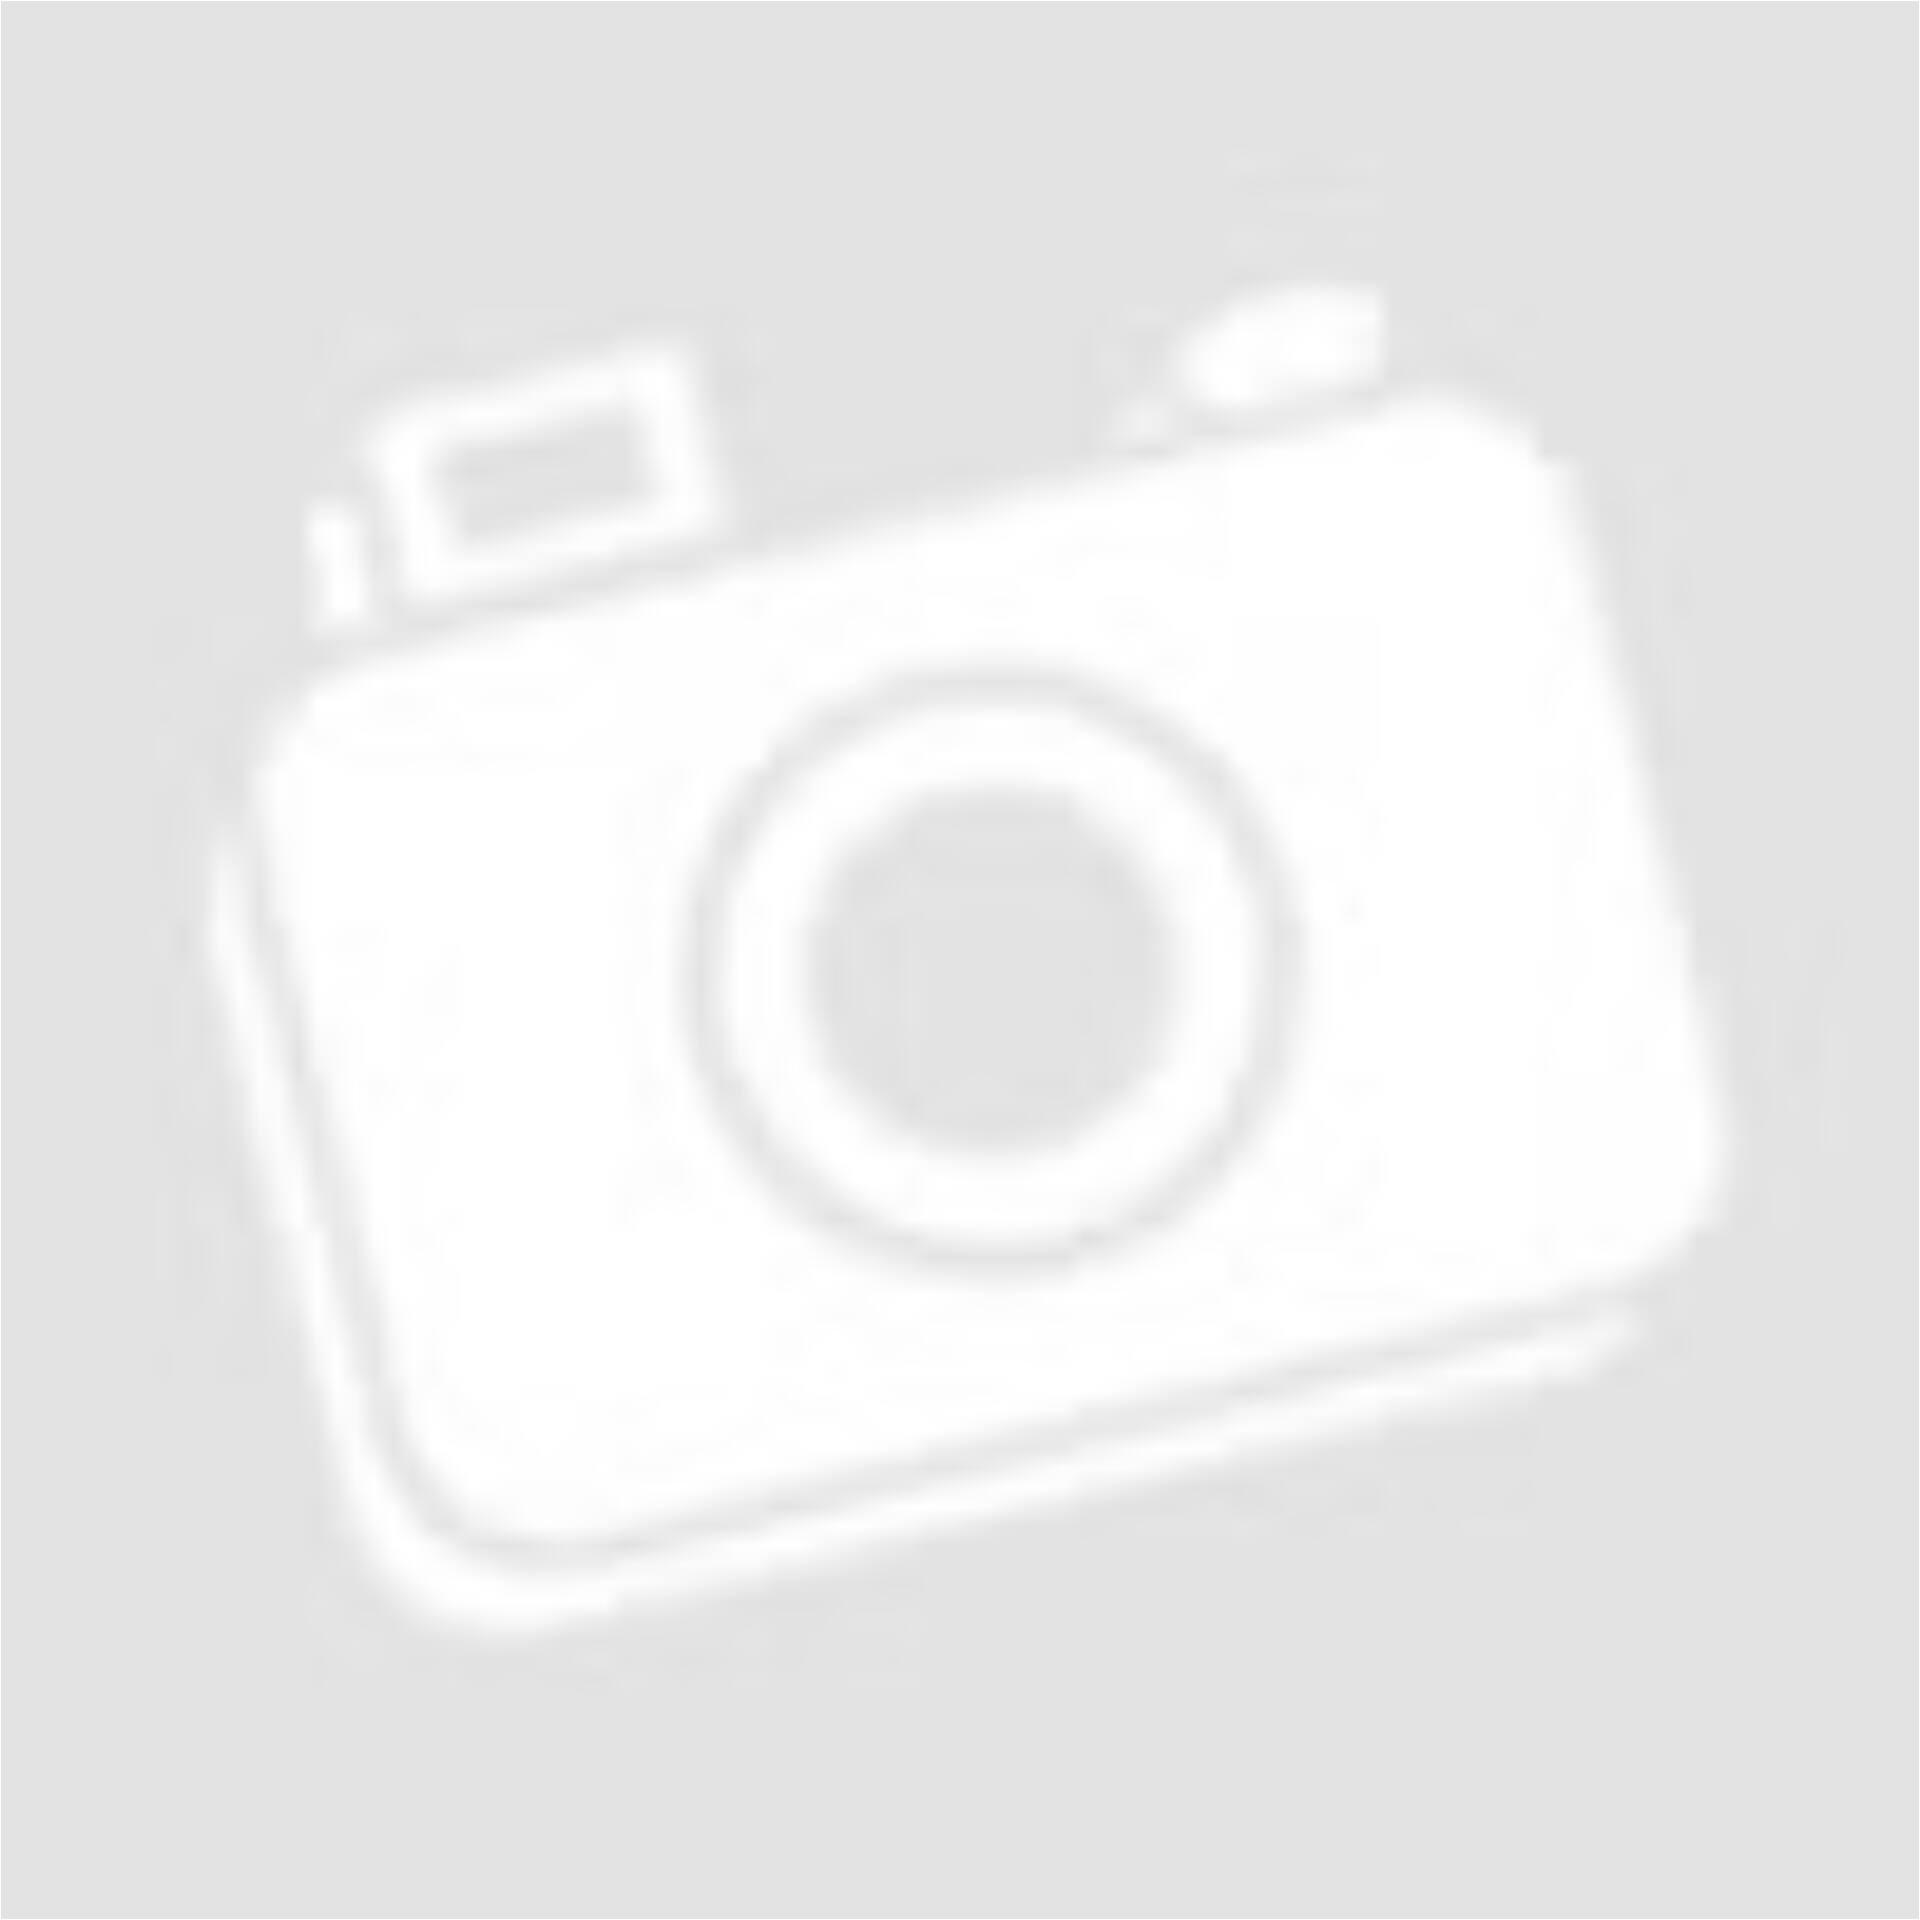 bd1b0f9813 LESARA fekete-fehér színű mintás blézer (Méret: L) - Női dzseki ...